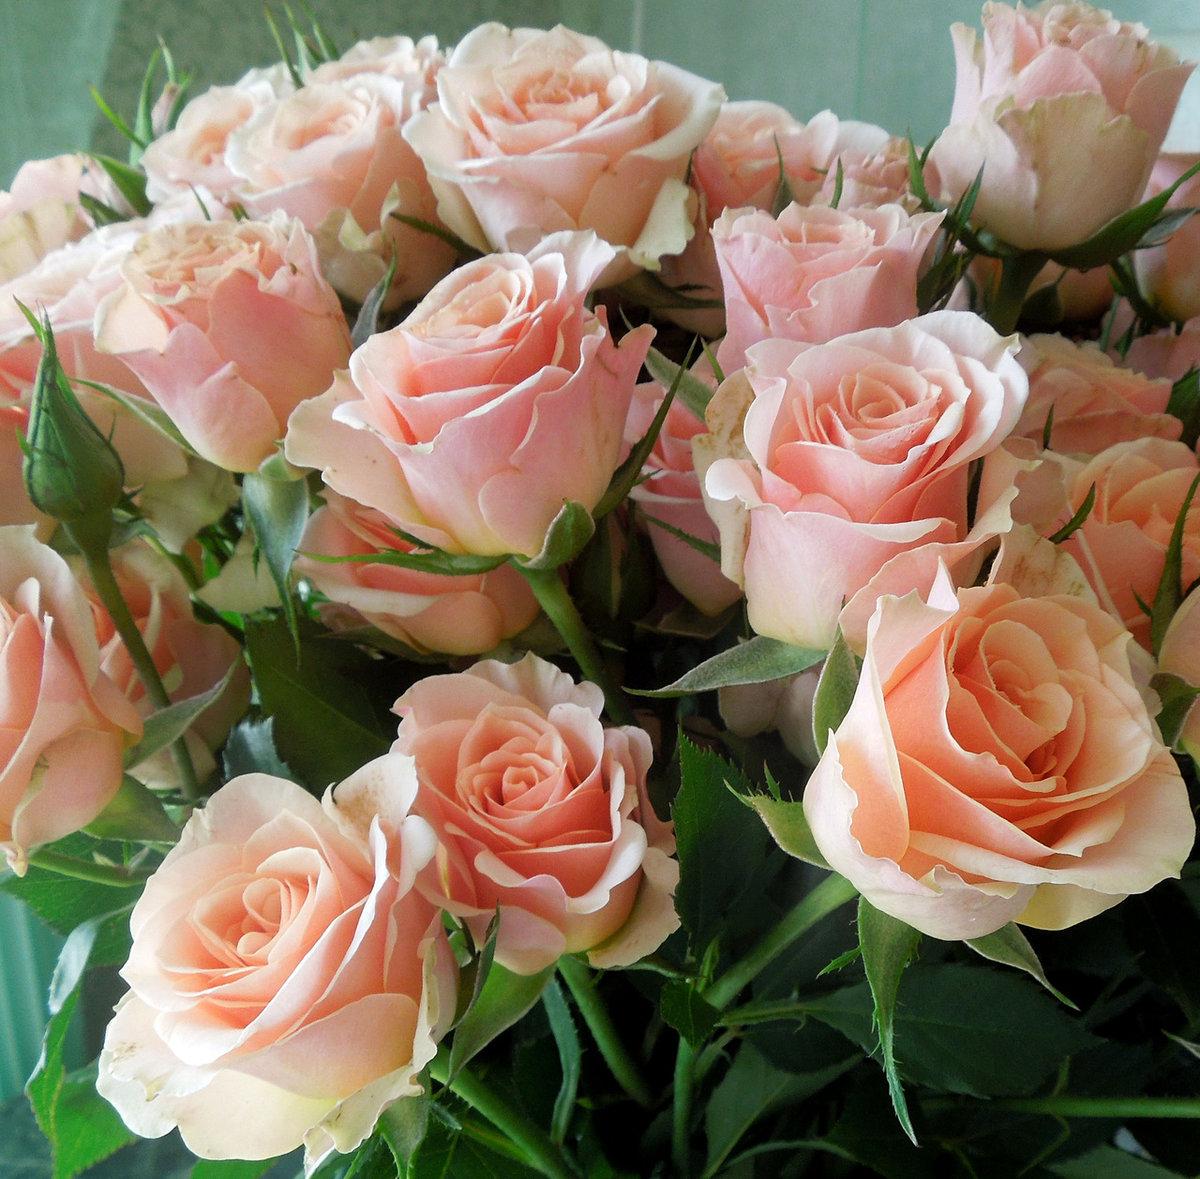 Картинки надписями, картинка поздравление розы с днем рождения